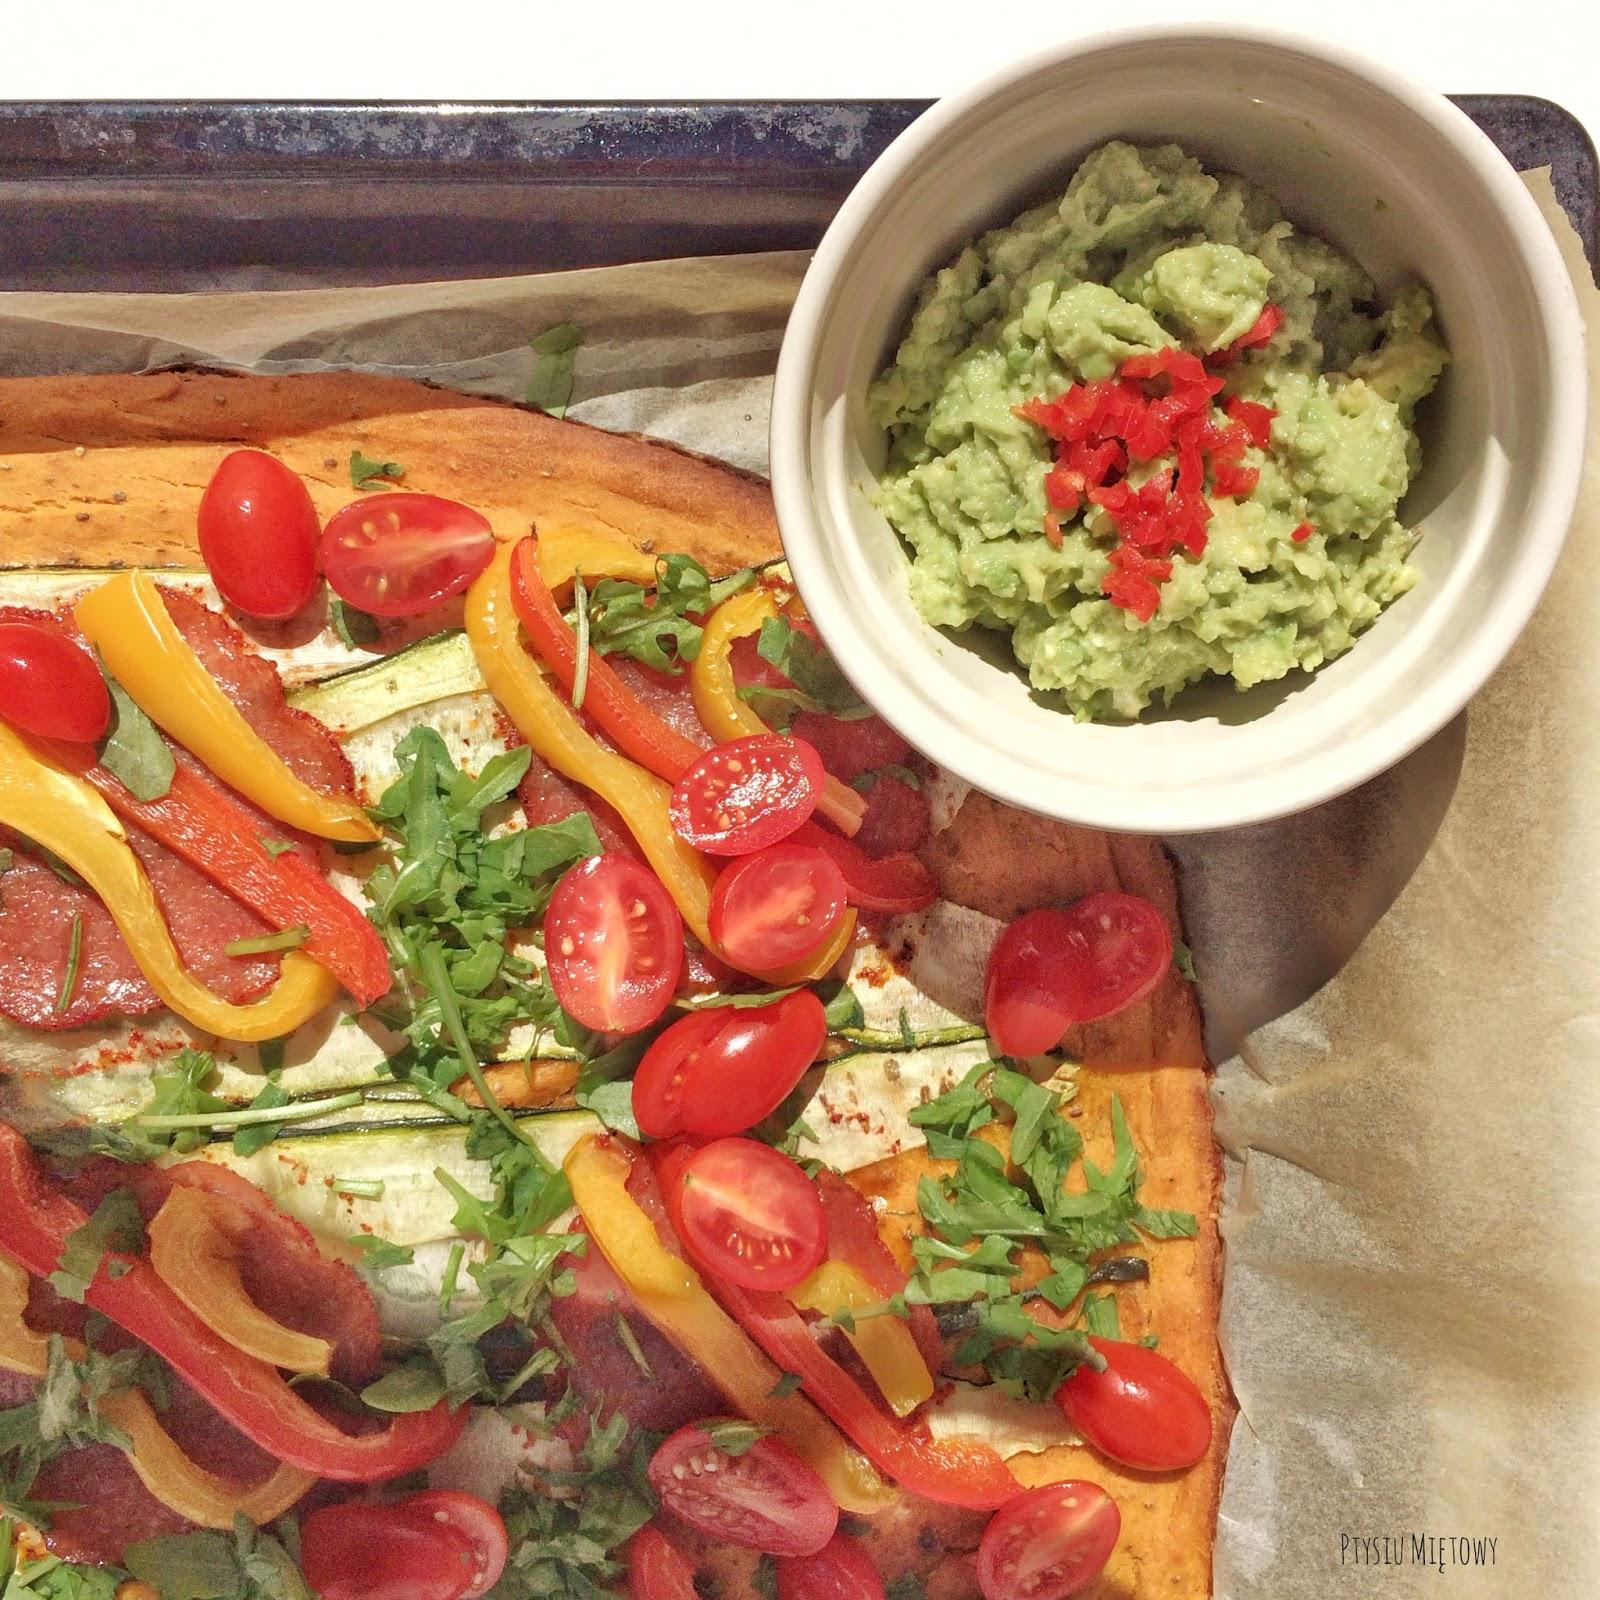 Pizza bataty spód z batatow ptysiu miętowy dip awokado limonka pomidory rukola